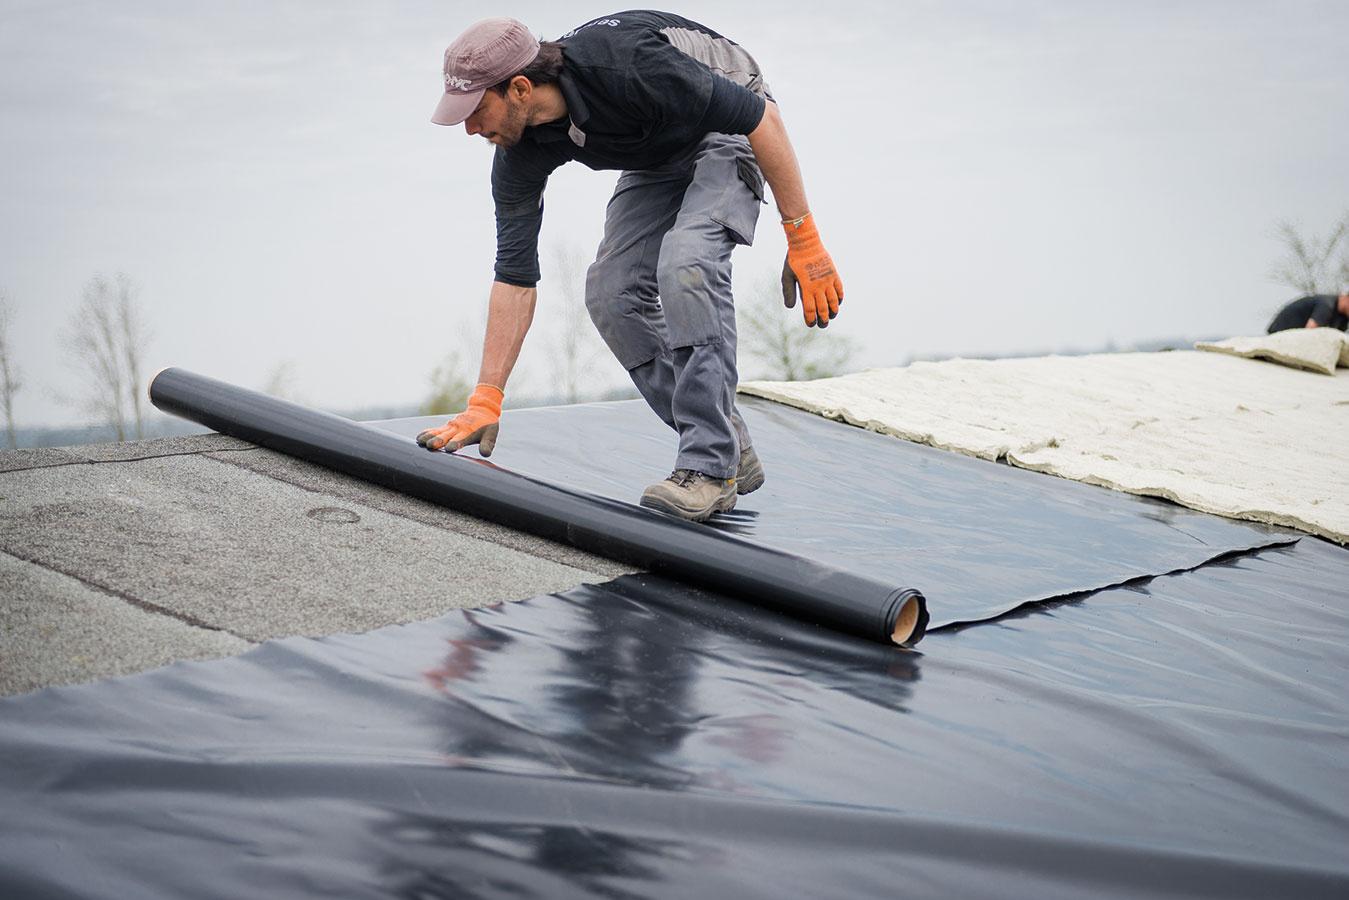 Na ochranu hydroizolácie proti prerastaniu koreňmi treba na strechu položiť koreňovú membránu, ktorá sa napevno upevní, aby ju nezdvíhal vietor.